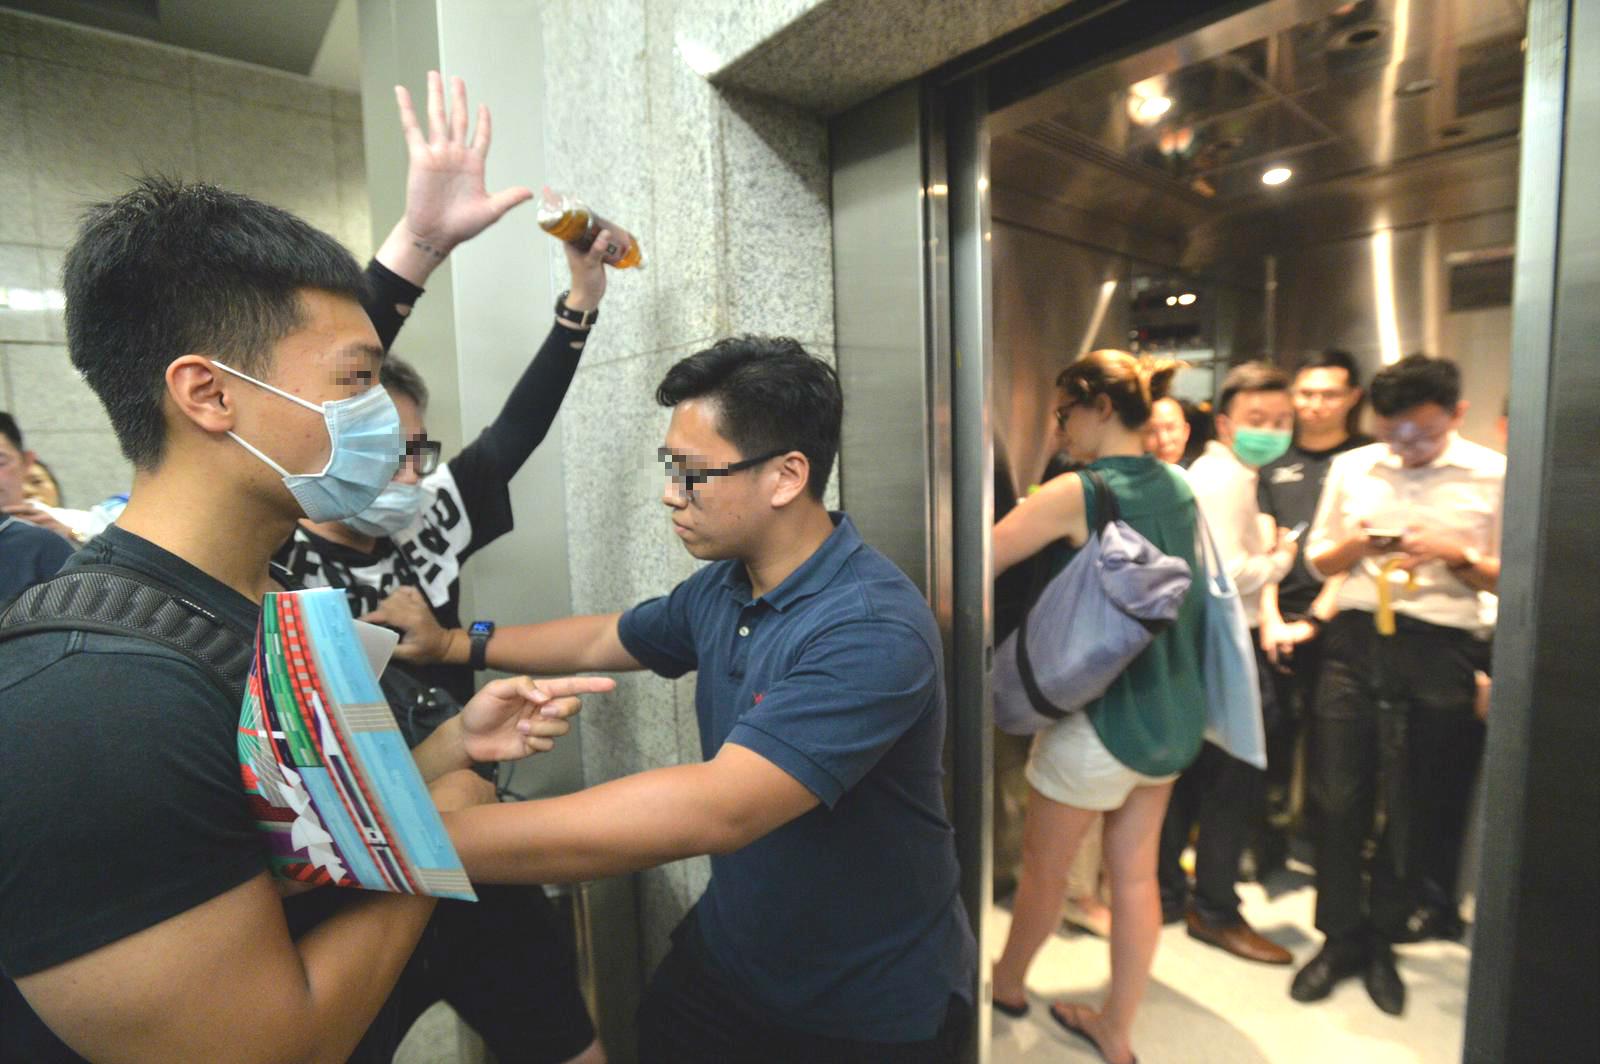 有示威者試圖阻礙市民職員使用升降機